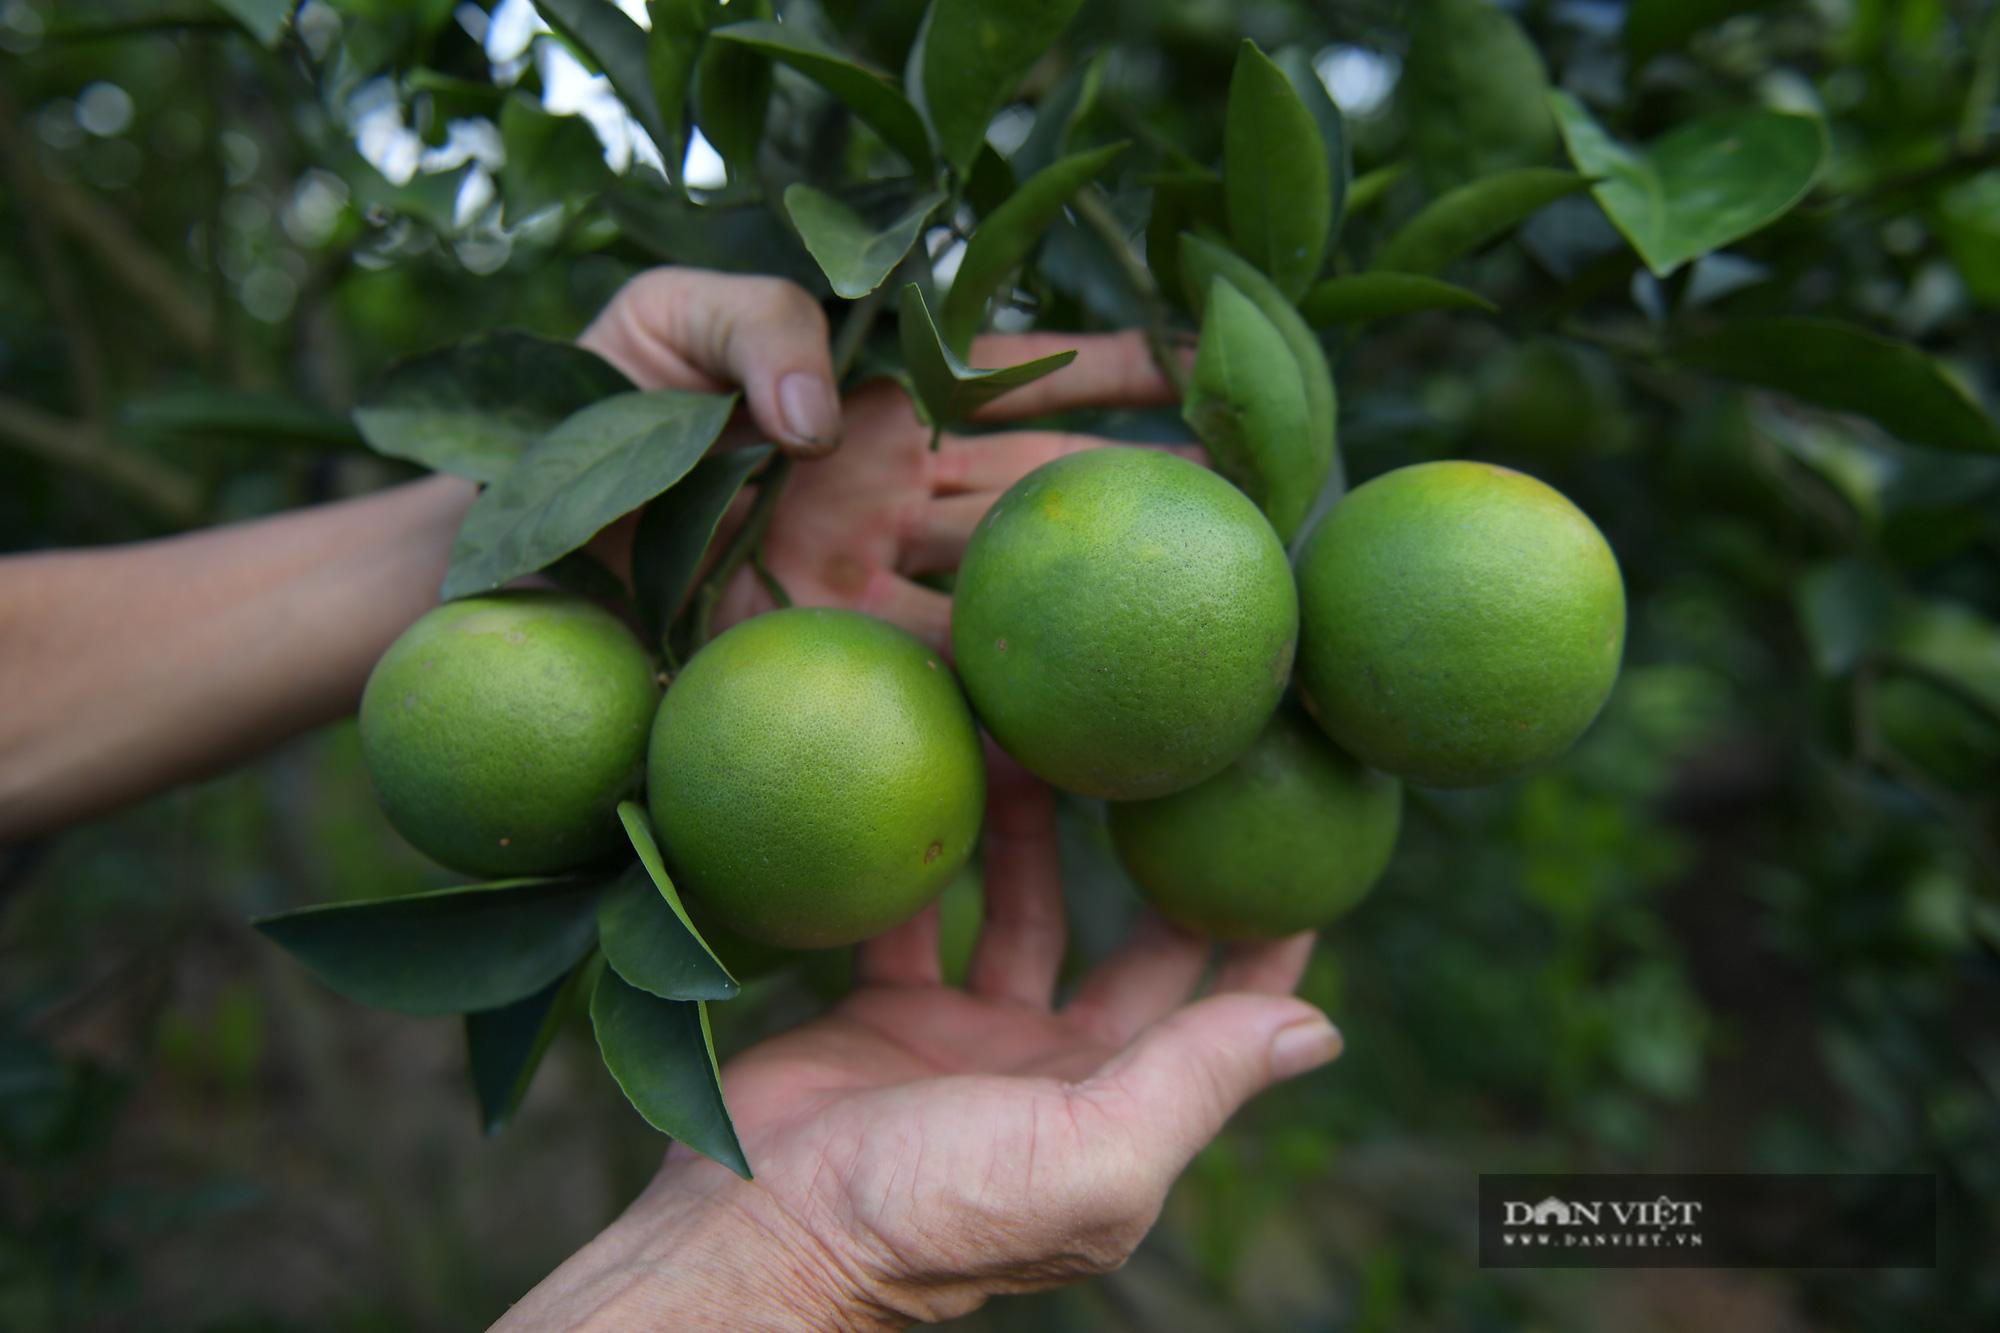 Dân ở đây trồng cam đặc sản ngon nức tiếng, cây sai trĩu quả, thu vài trăm triệu đồng một vụ là chuyện thường - Ảnh 9.